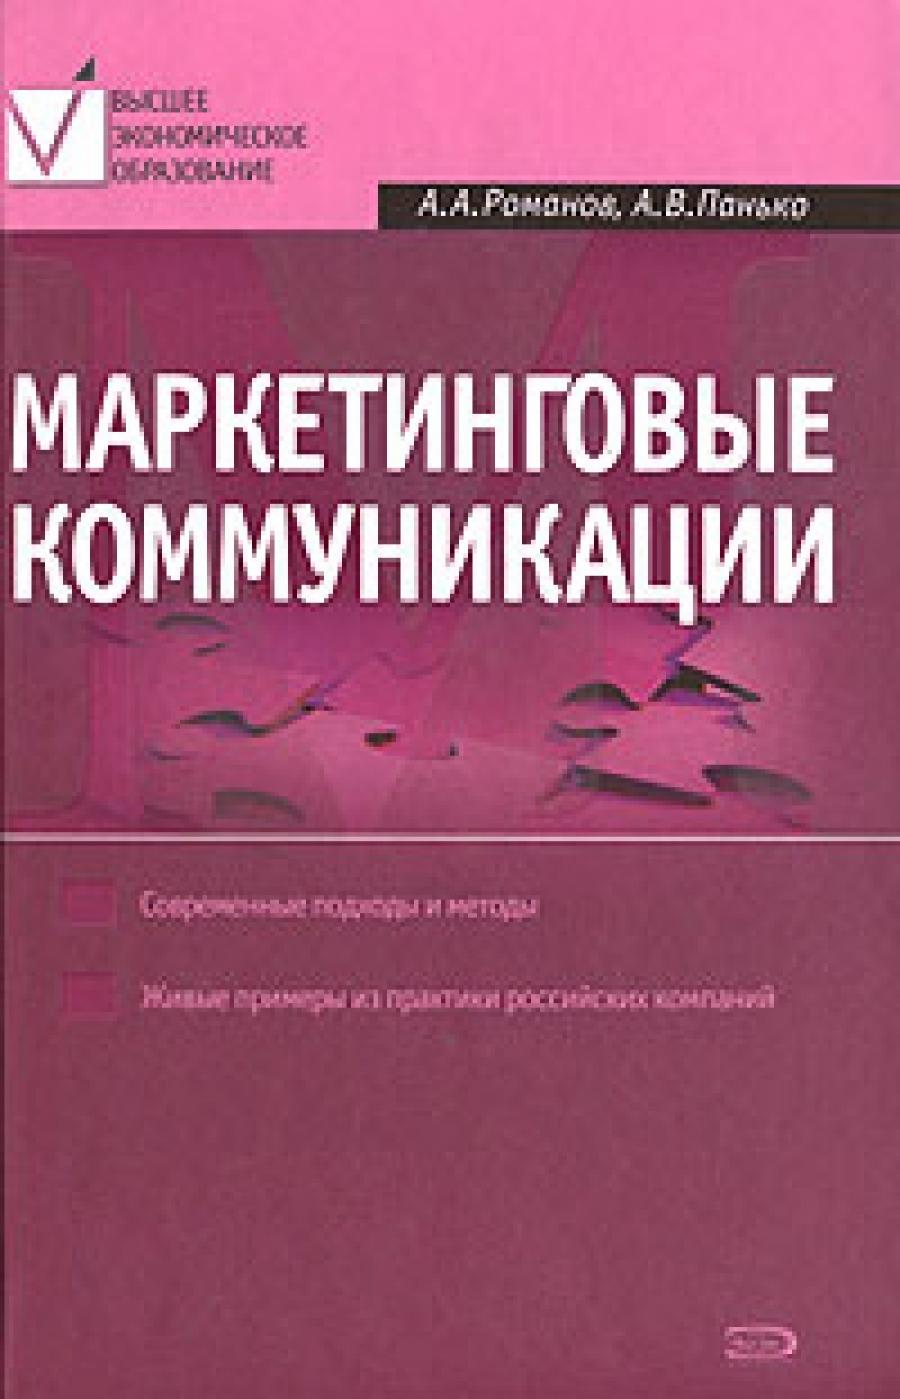 Обложка книги:  прицельный маркетинг - а. а. романов. а. в. панько - маркетинговые коммуникации